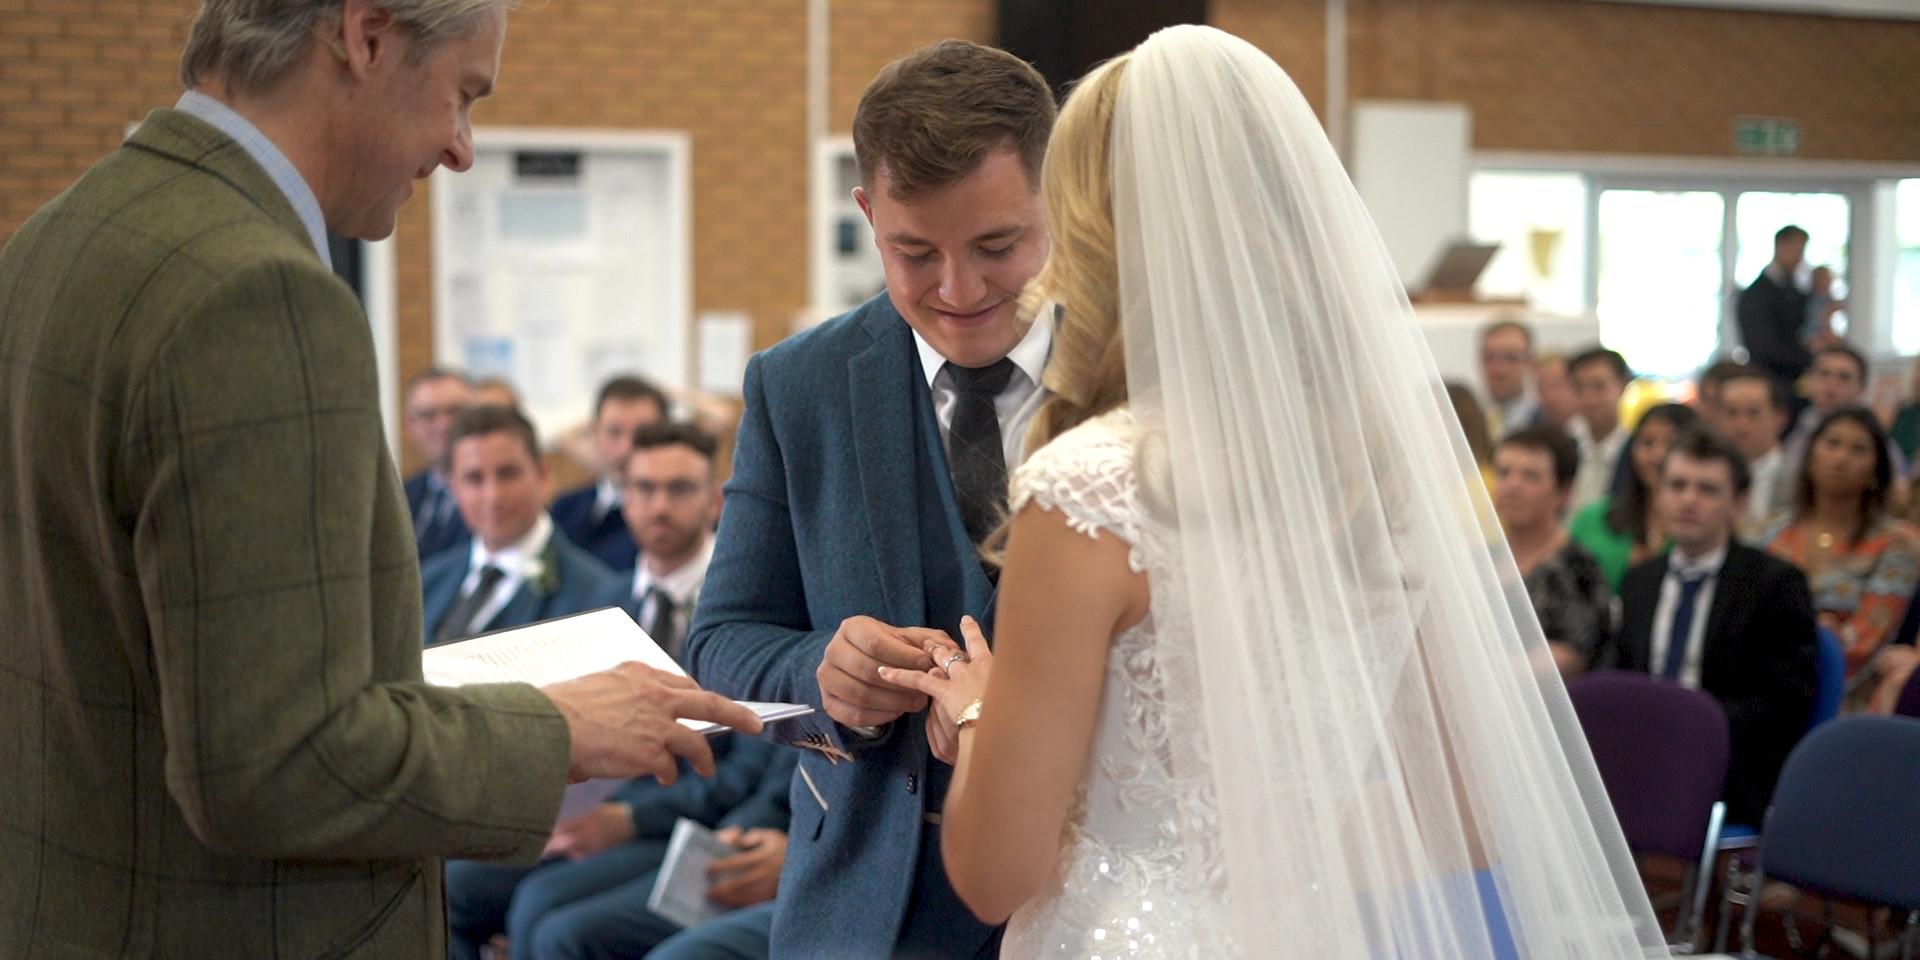 Wedding-ShortFilm.00_05_52_15.Still066.j